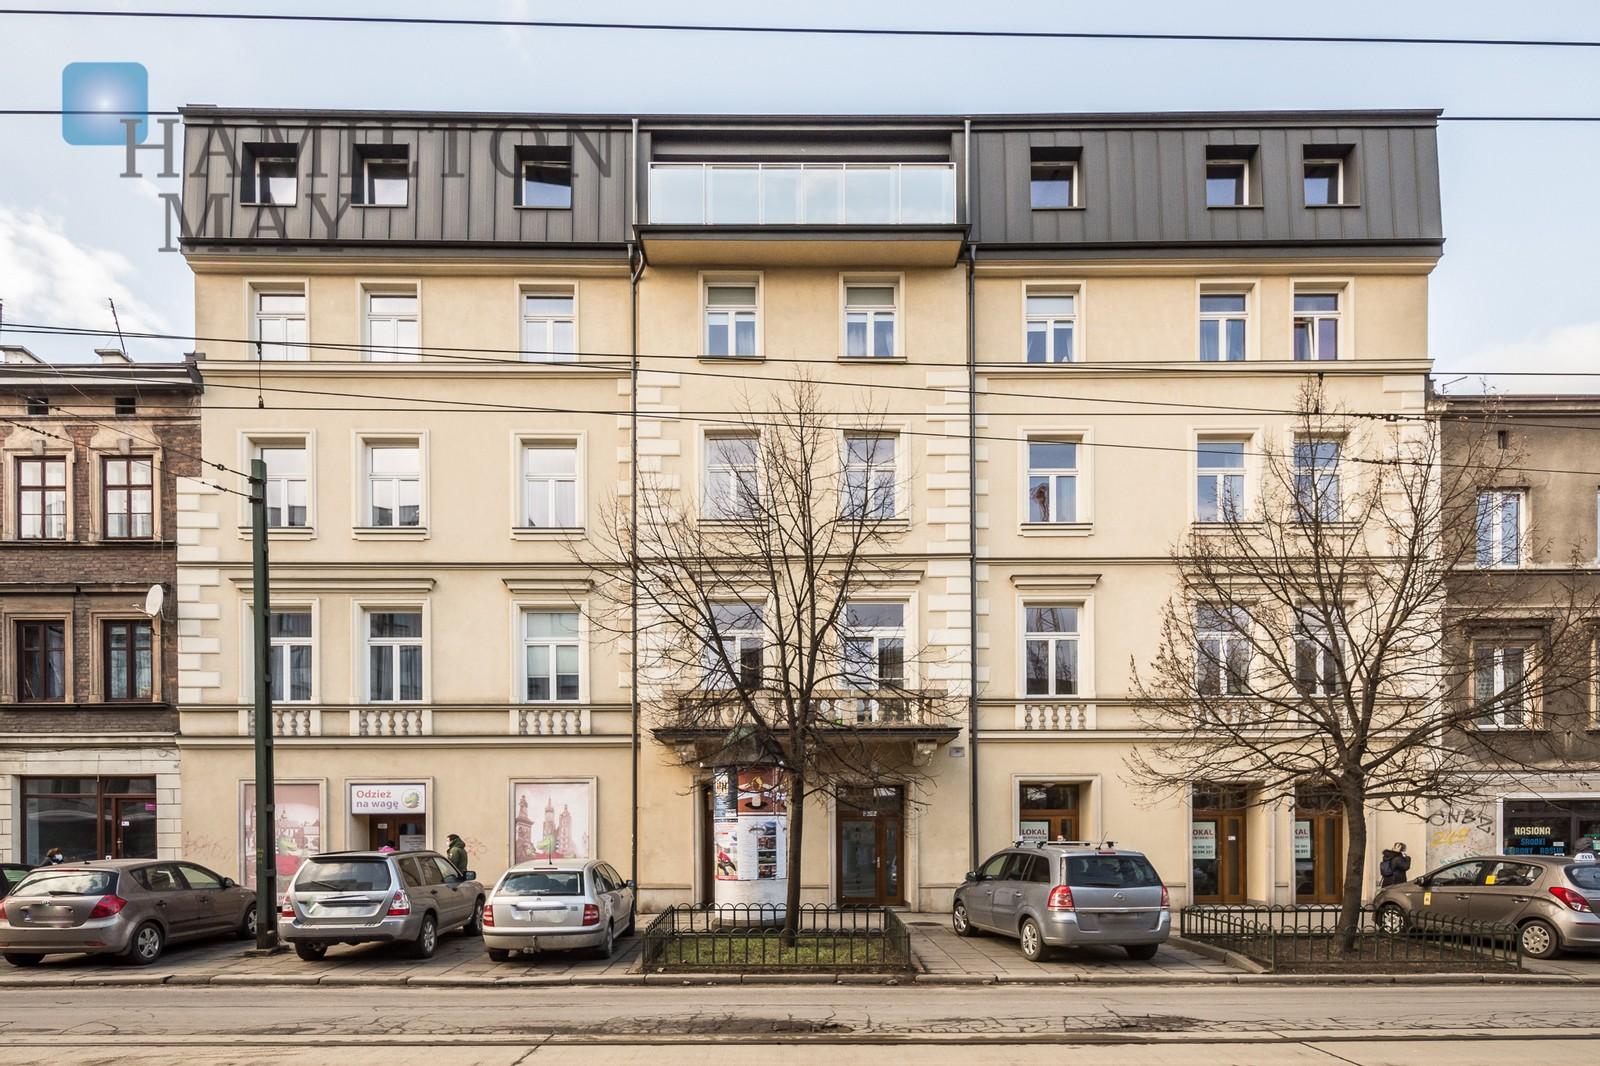 Unikatowe mieszkanie nieopodal Zamku Wawelskiego Kraków na sprzedaż